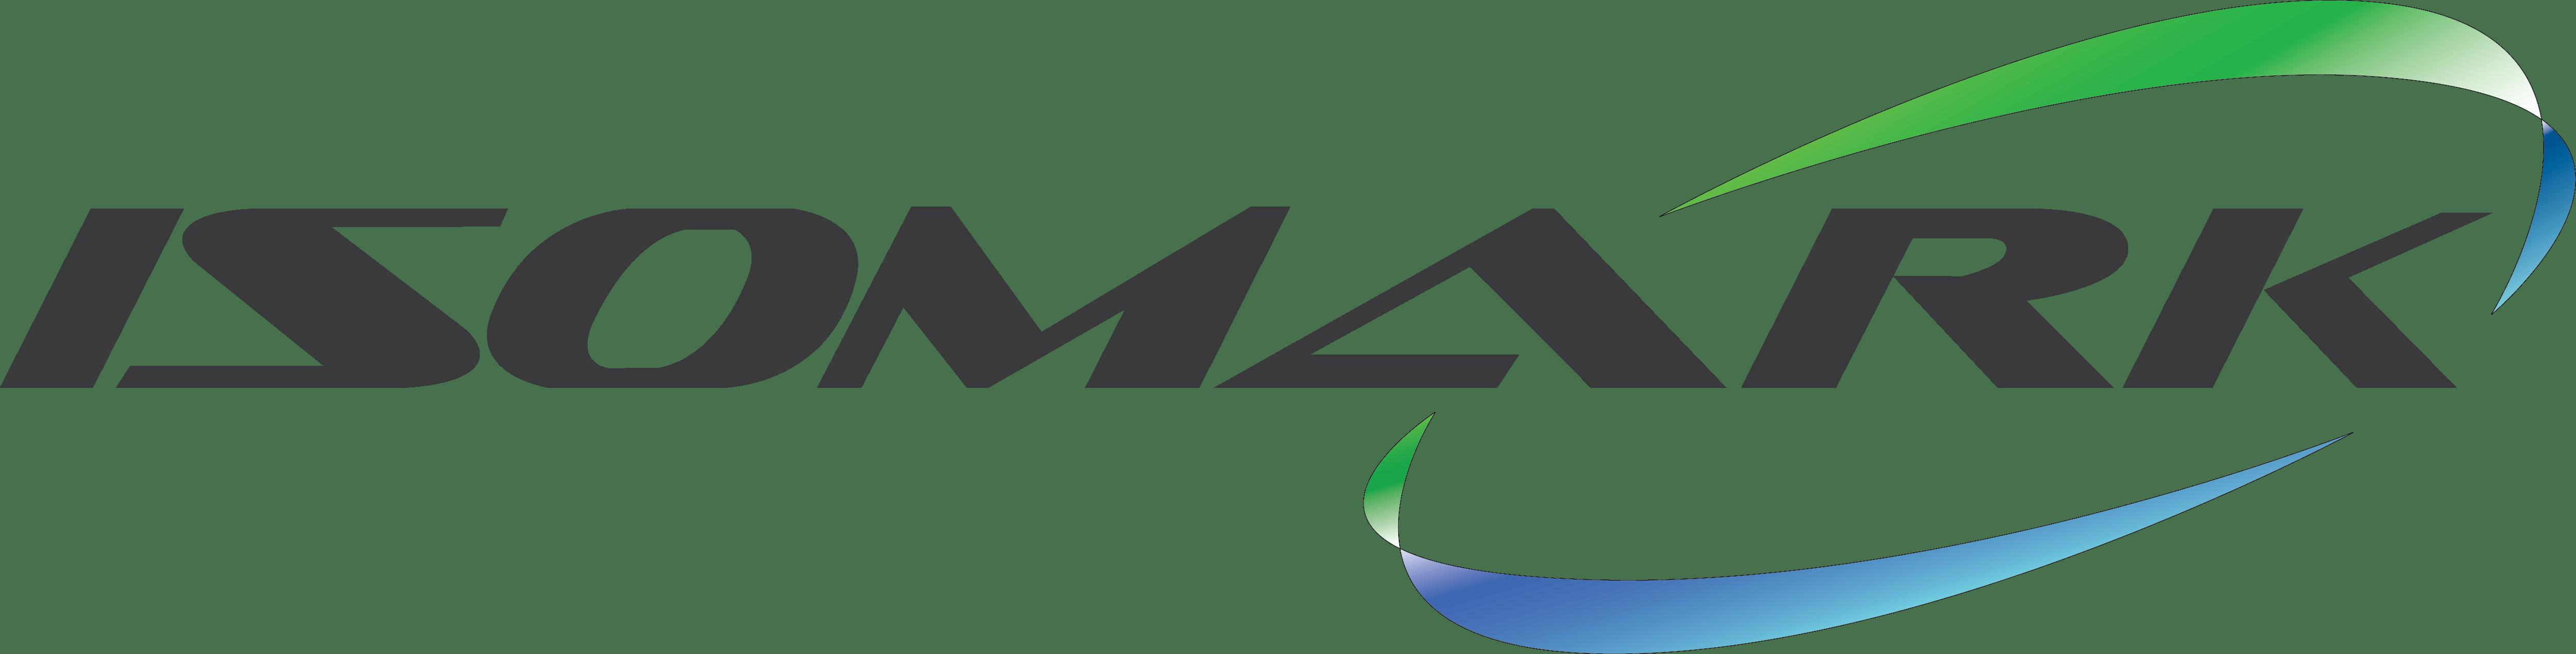 Isomark_logo